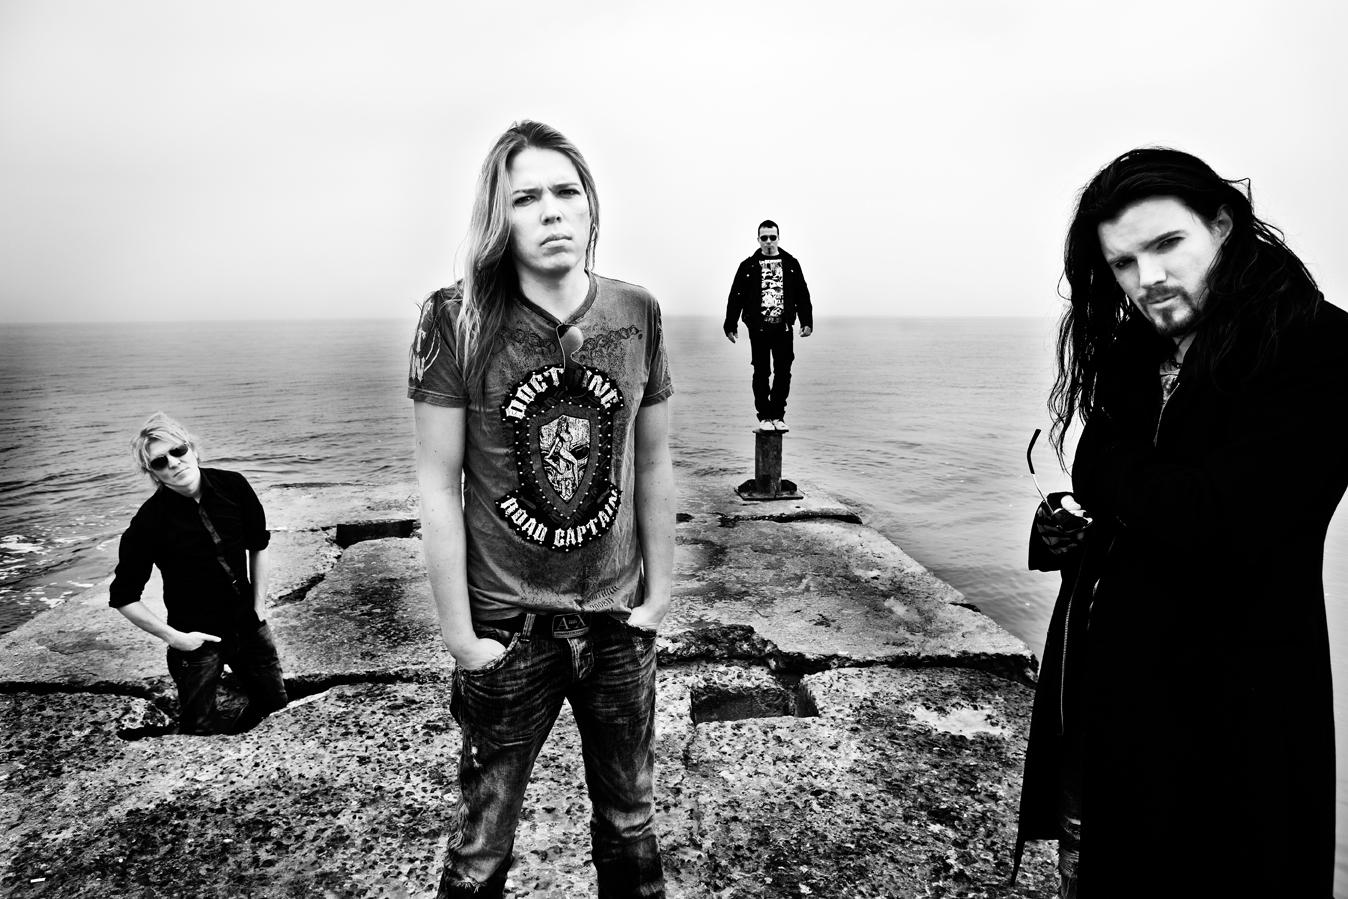 Анонс |Apocalyptica в Москве | Крокус Сити Холл | 15.03.2014